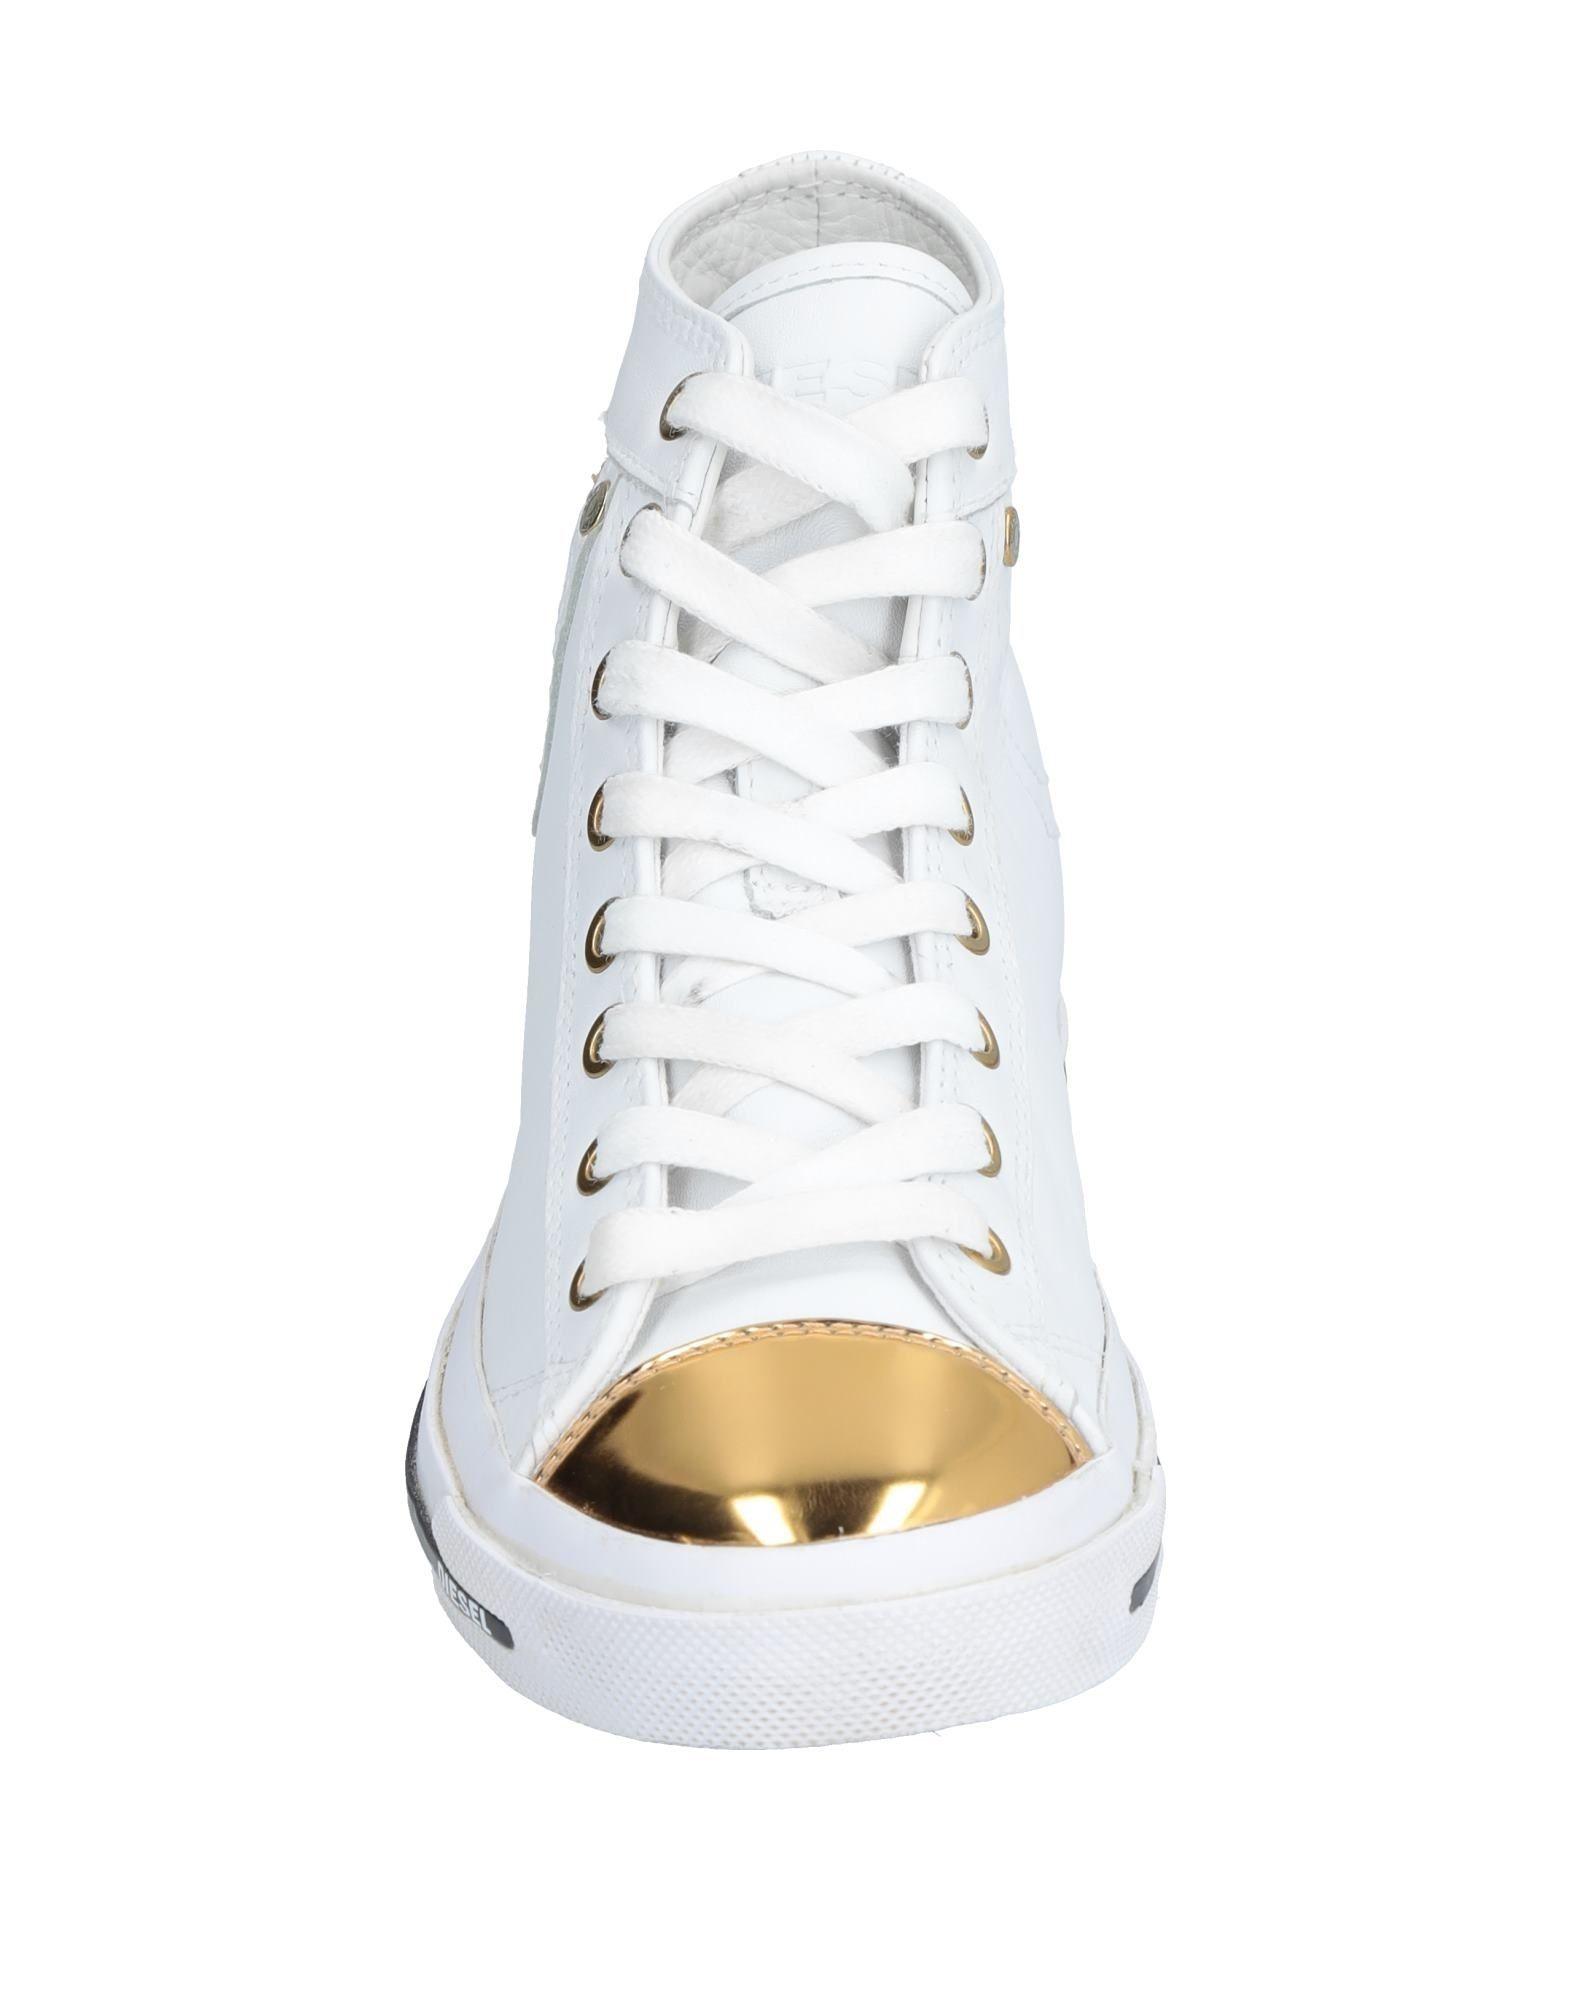 Diesel Sneakers Damen  Schuhe 11535281FL Gute Qualität beliebte Schuhe  0605d8